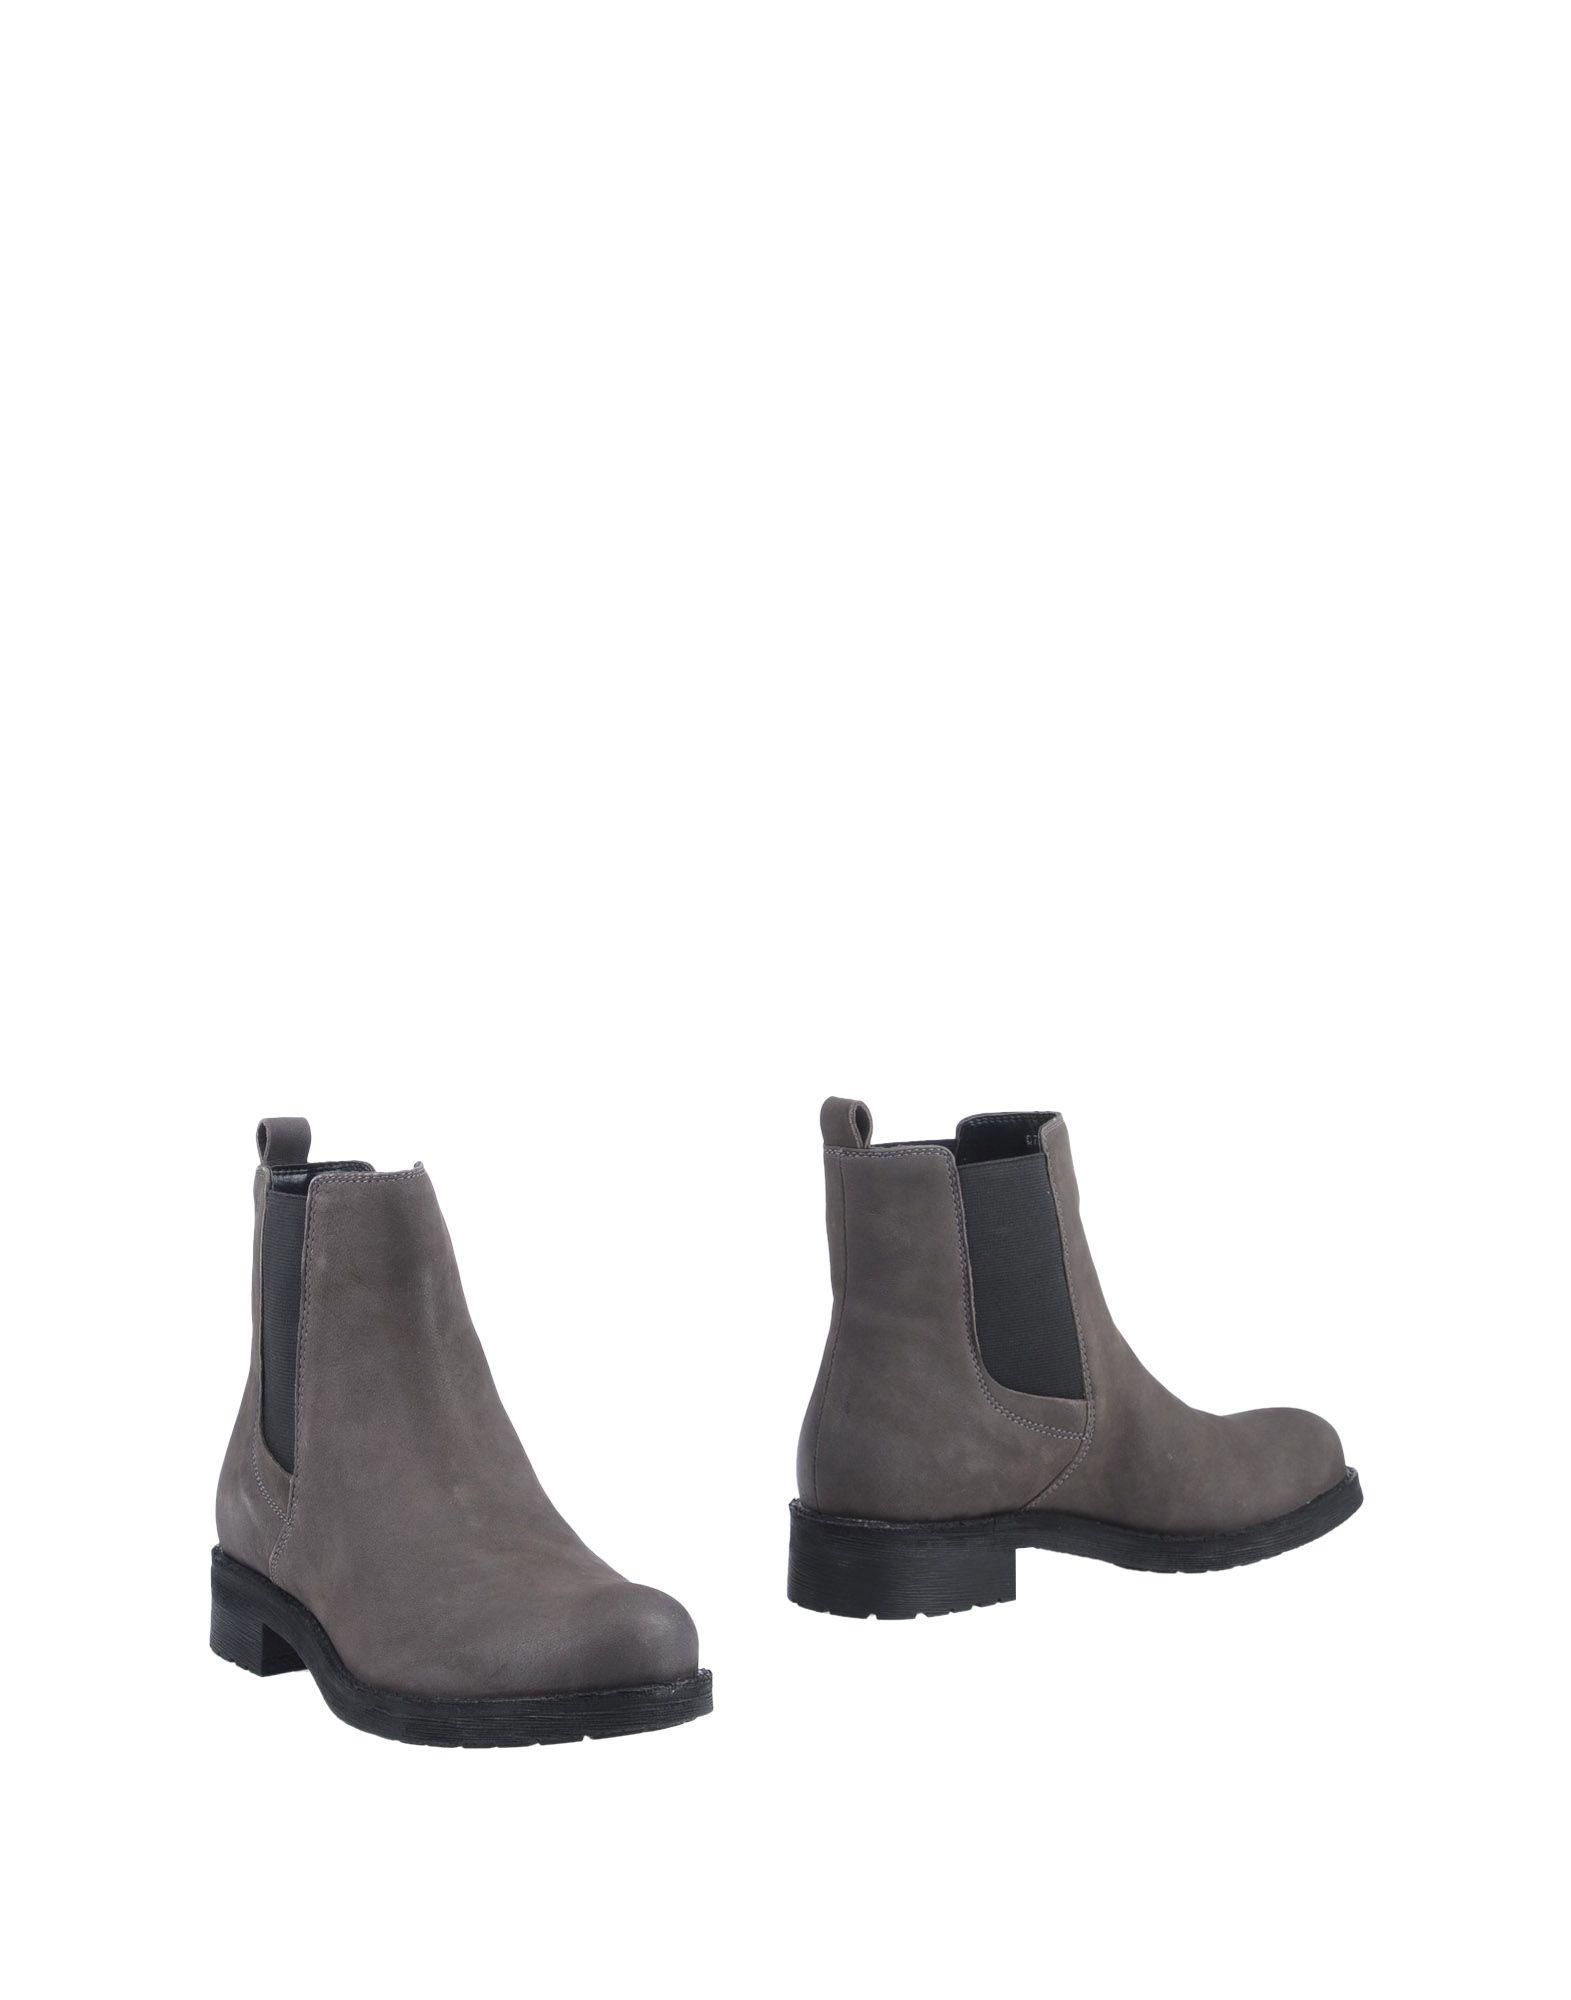 Geox Chelsea Boots Damen  11315392TX Gute Qualität beliebte Schuhe